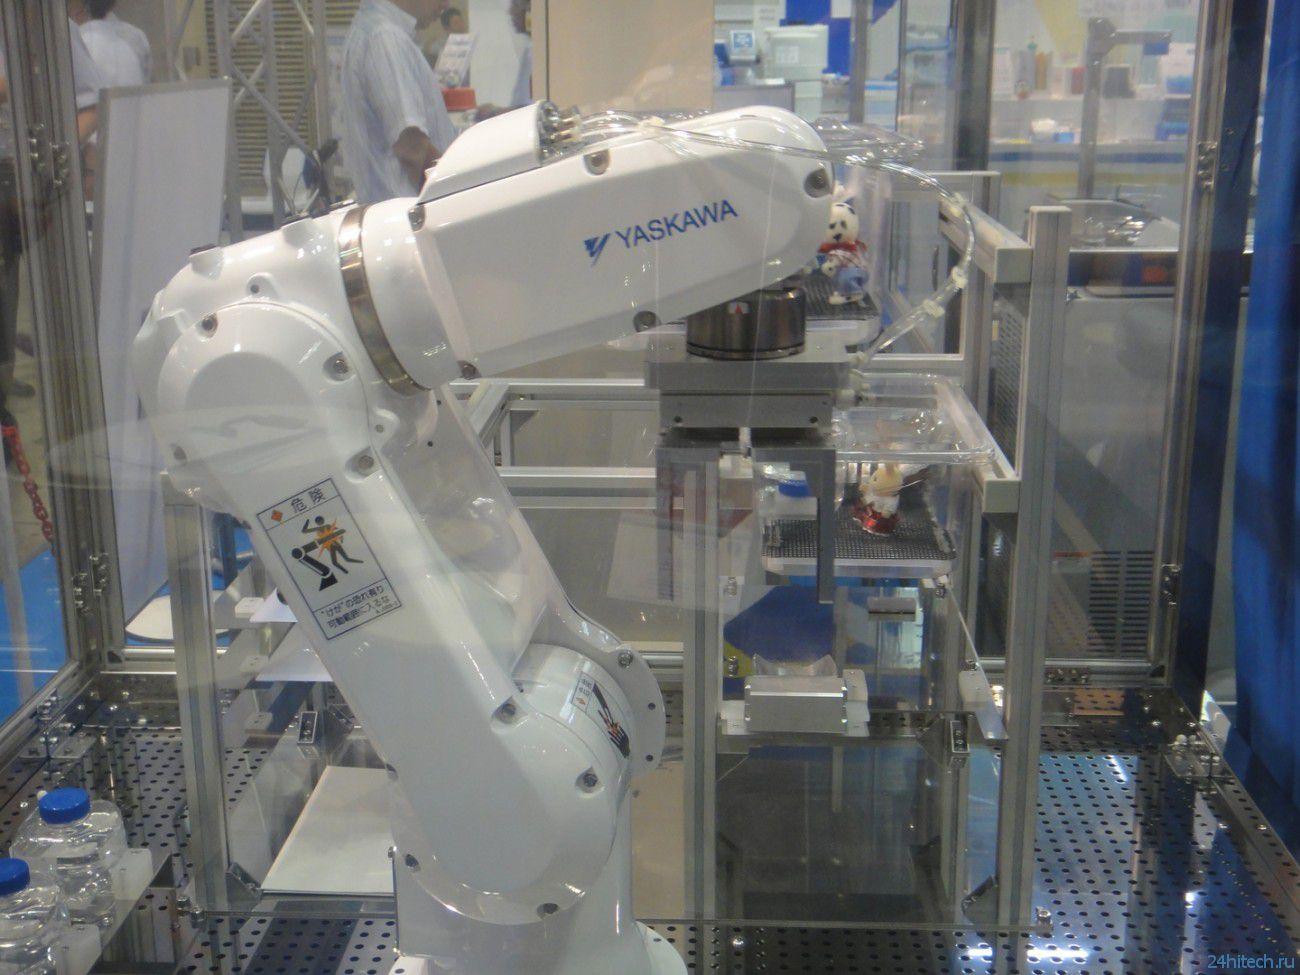 Роботы будущего: смотритель 30 000 лабораторных мышей